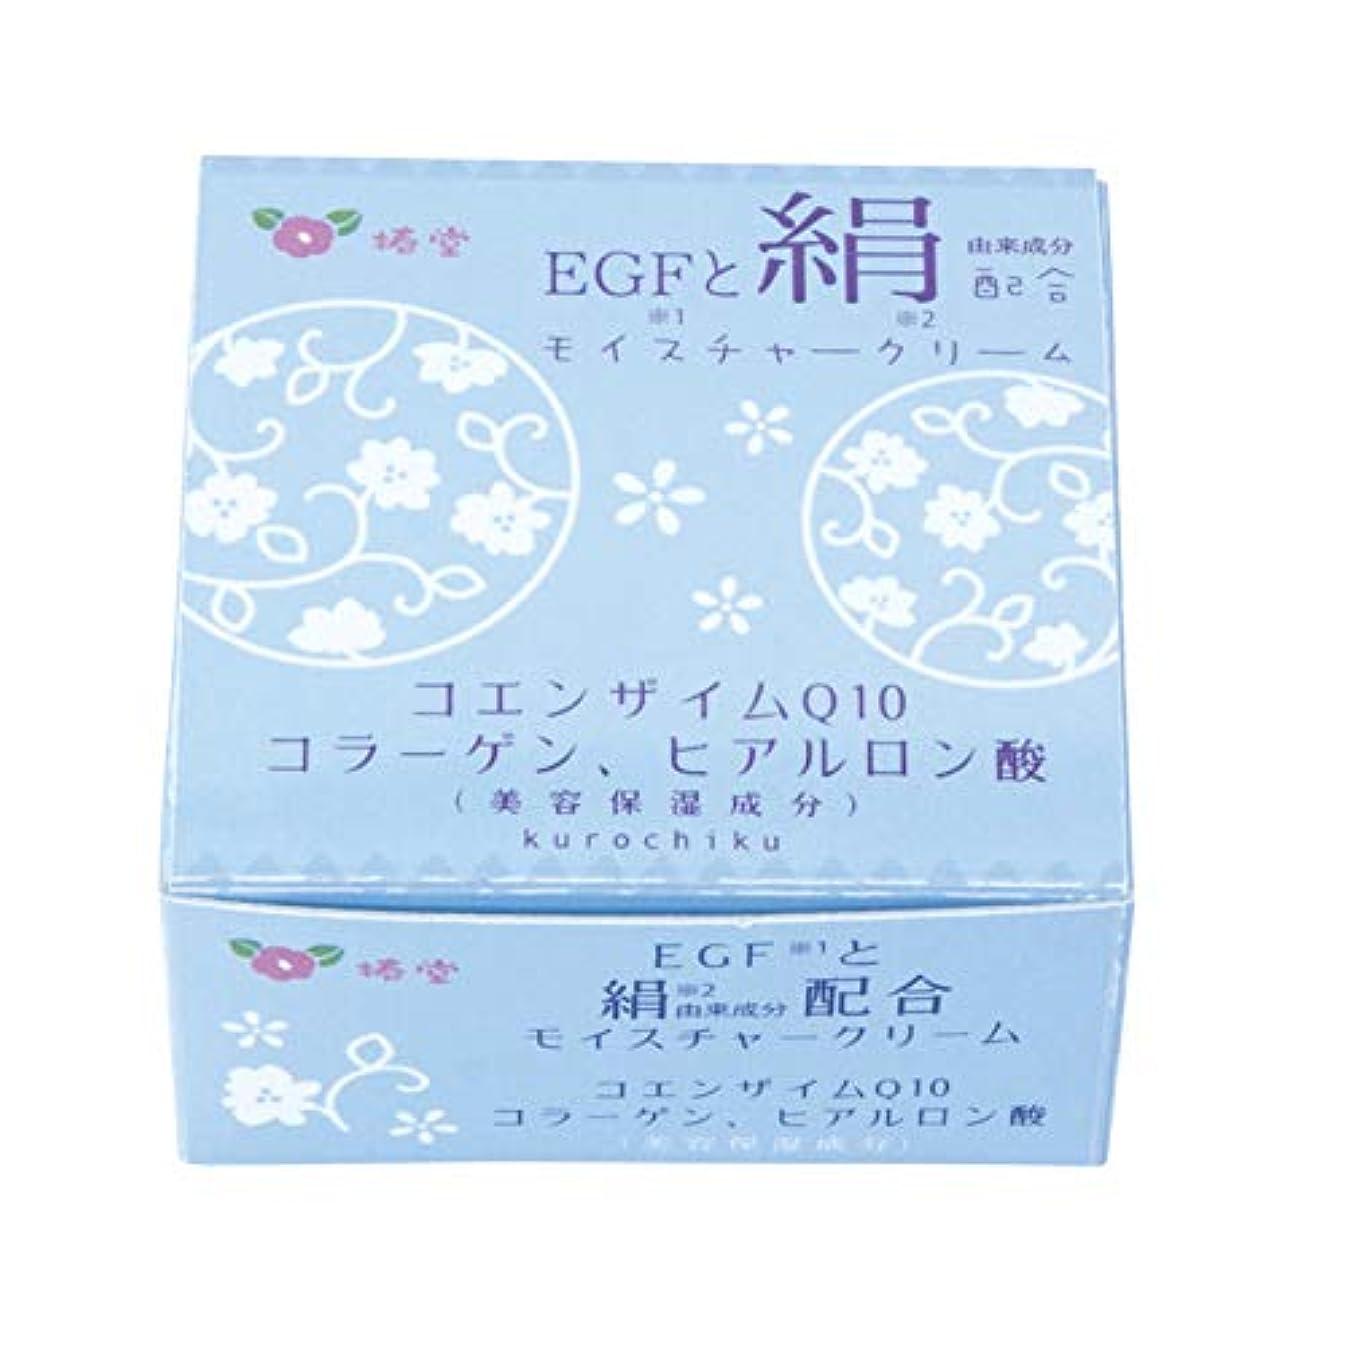 本質的にファイアル私の椿堂 絹モイスチャークリーム (FGFと絹) 京都くろちく